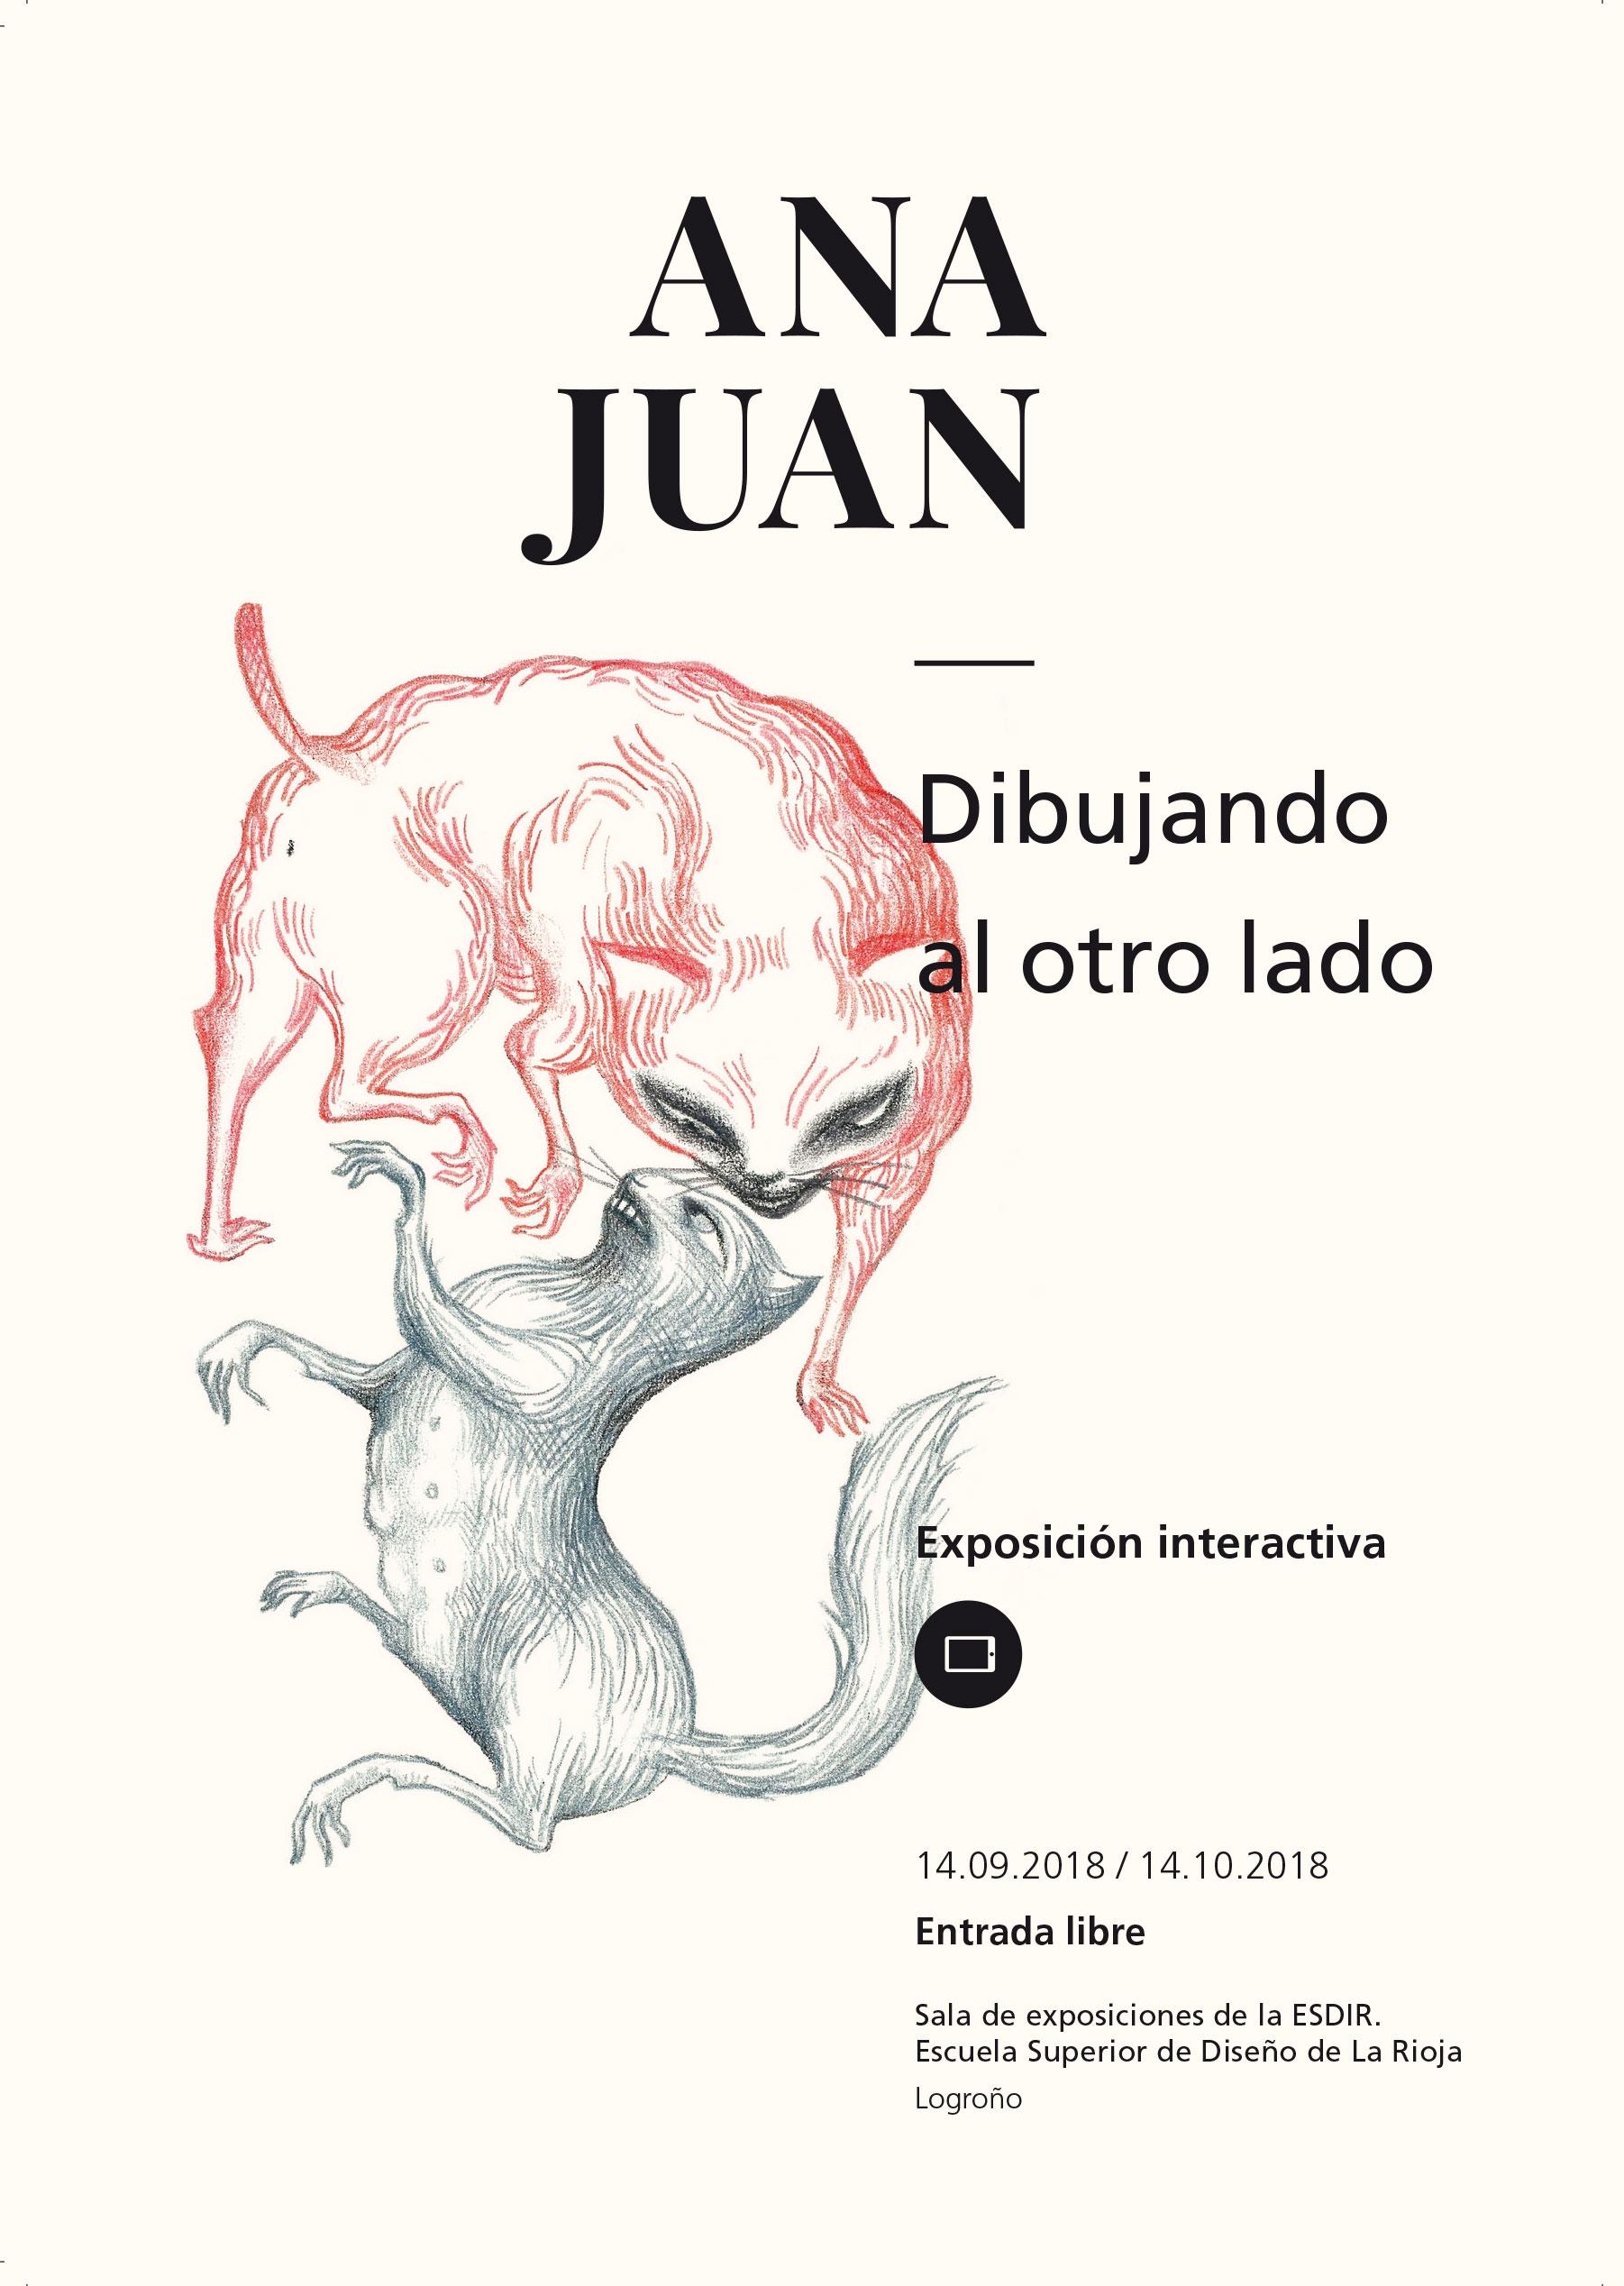 """""""Dibujando al otro lado"""", exposición interactiva de Ana Juan en la Esdir."""